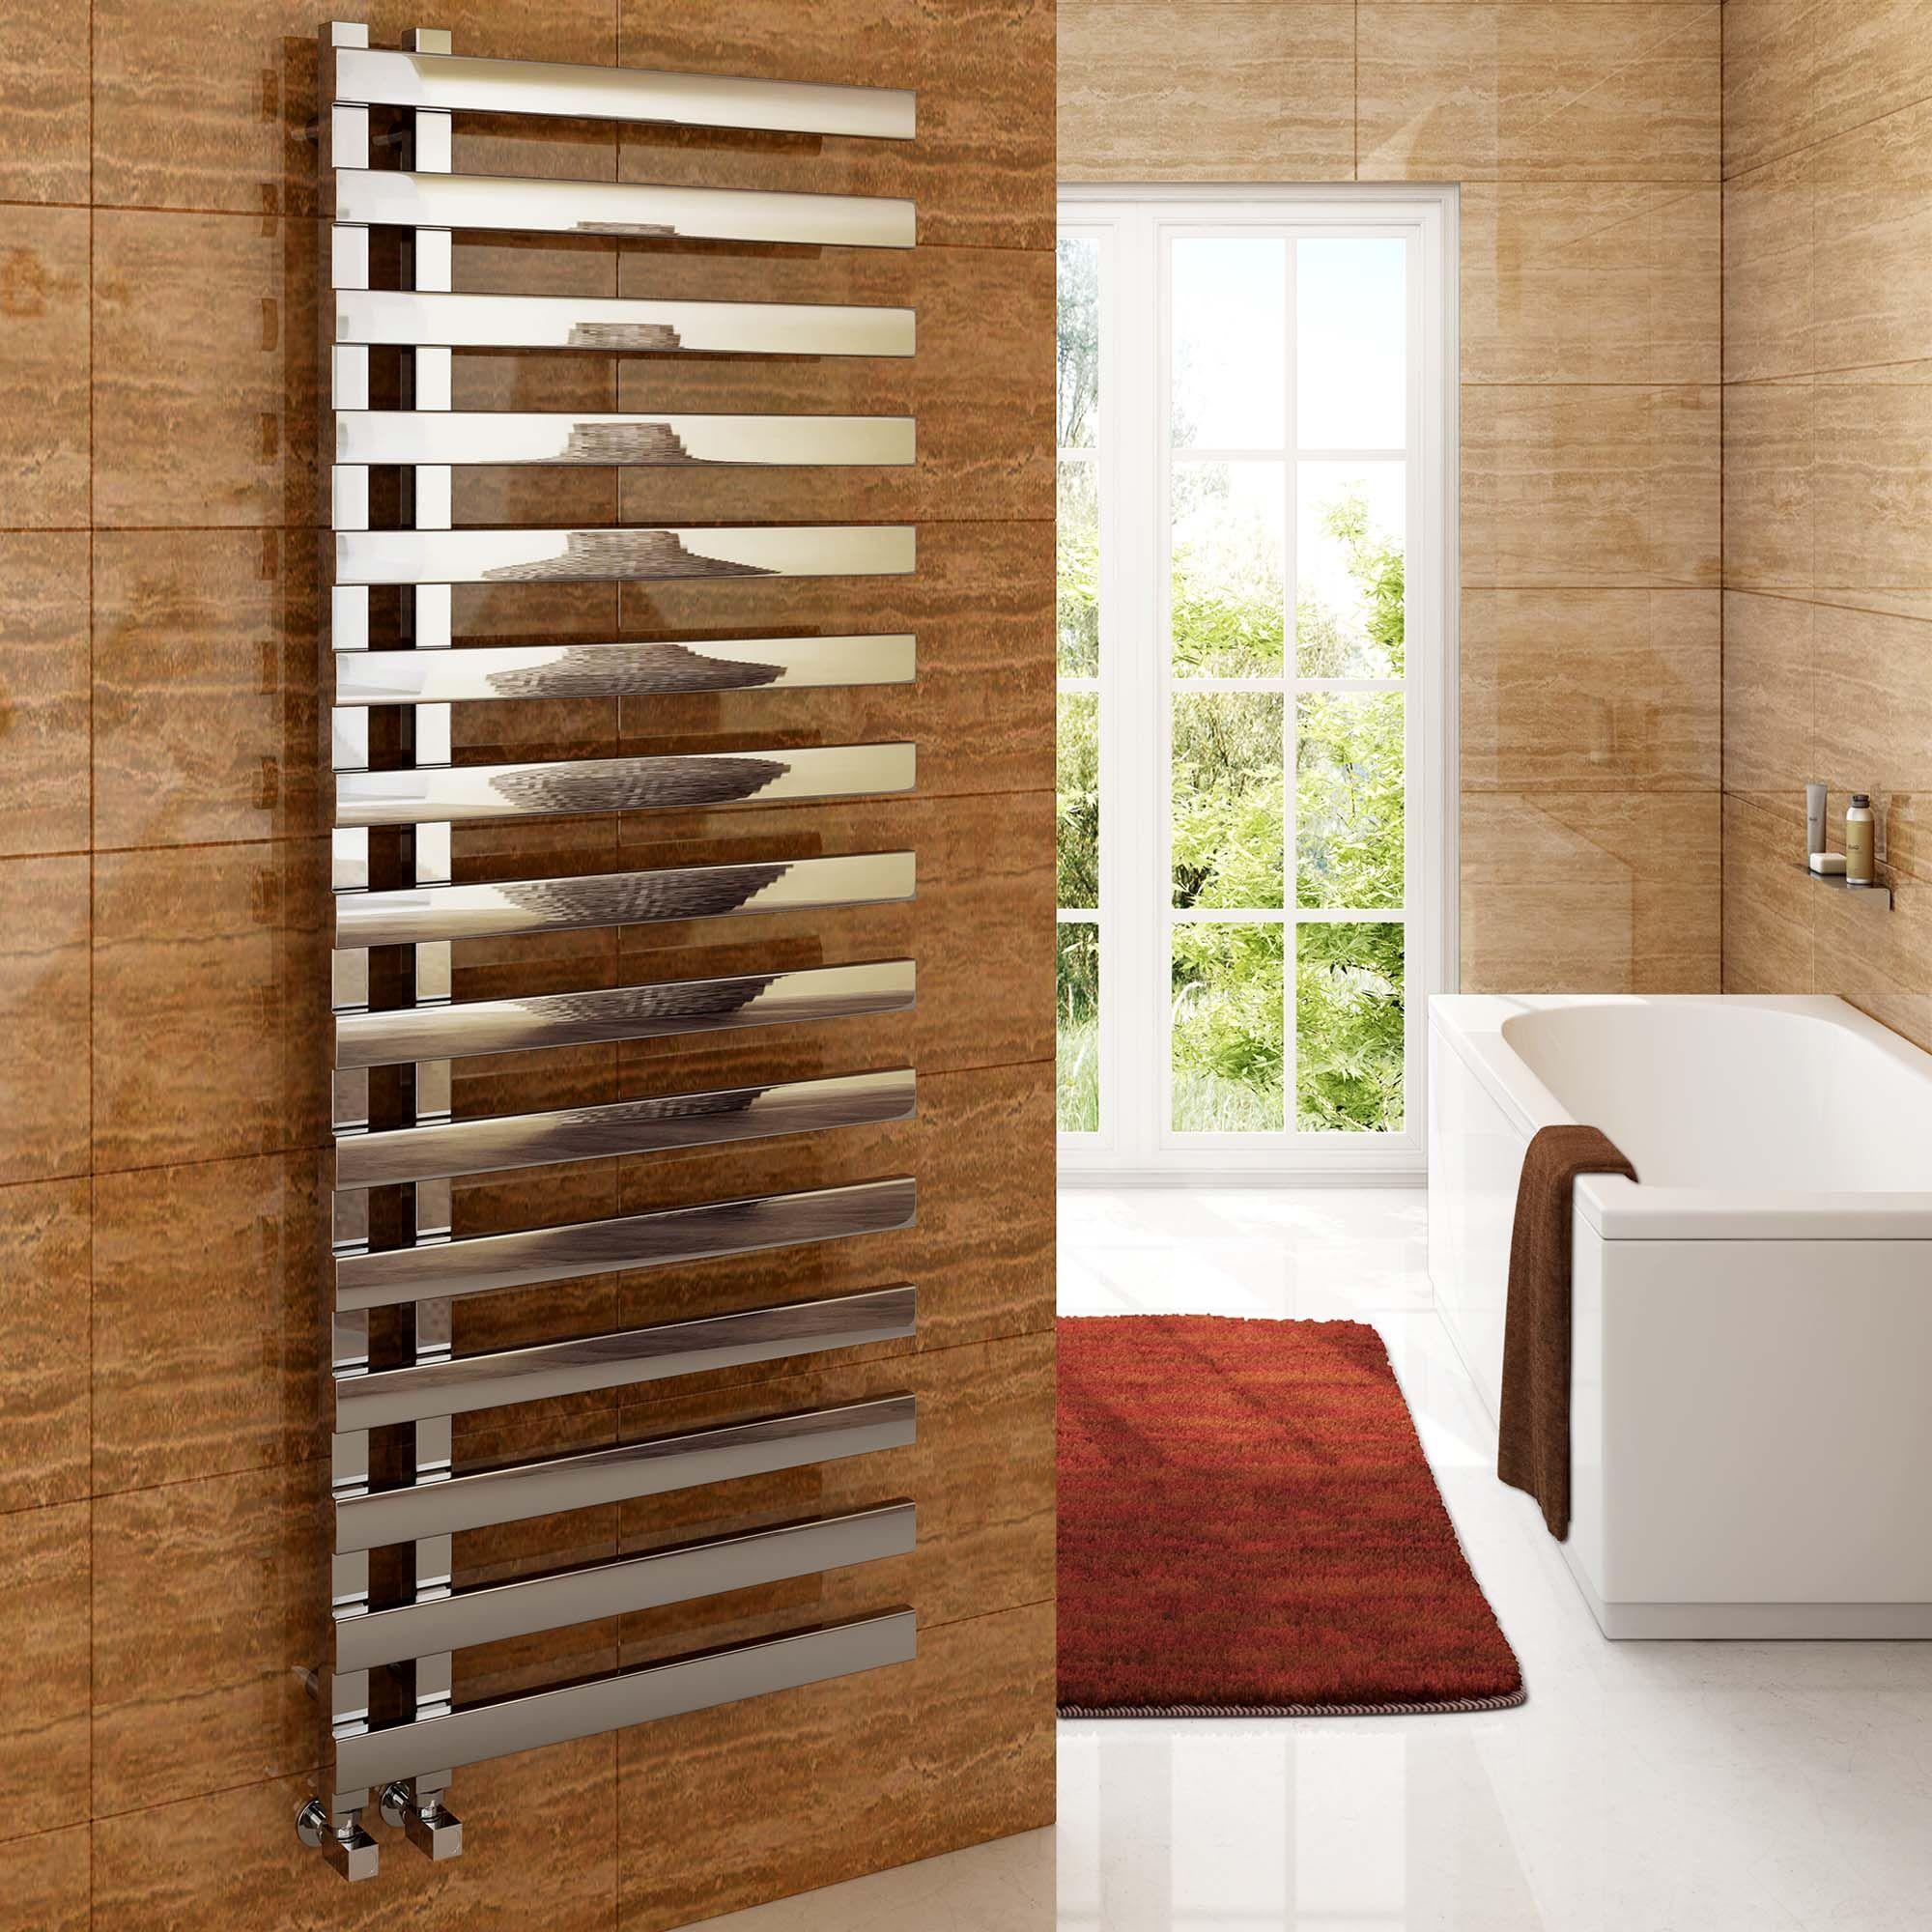 Towel Radiator Bathroom Radiators Towel